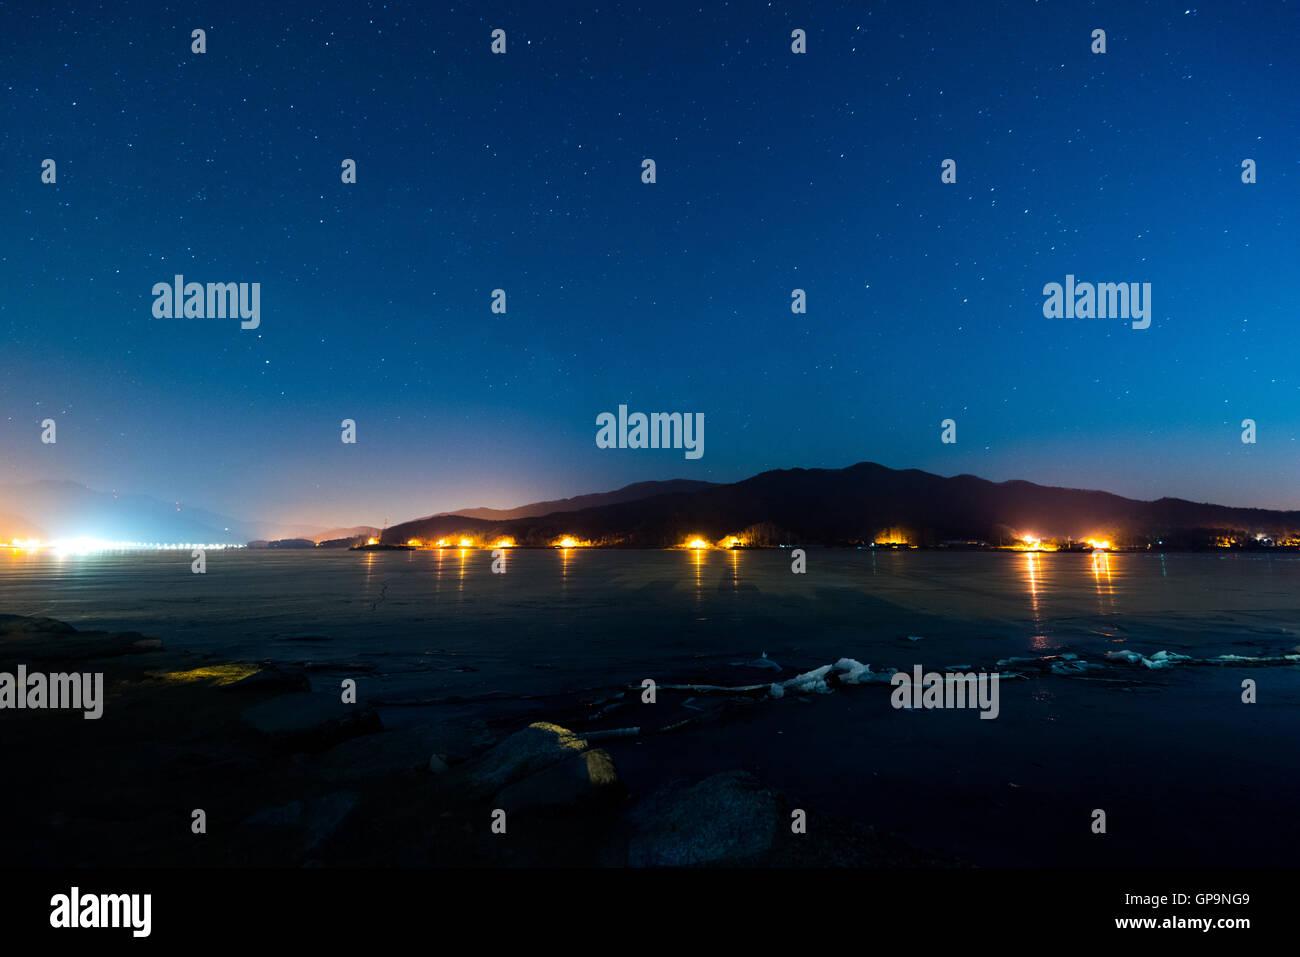 Korea,Night sky with lot of shiny stars at glacier in winter,Korea. - Stock Image